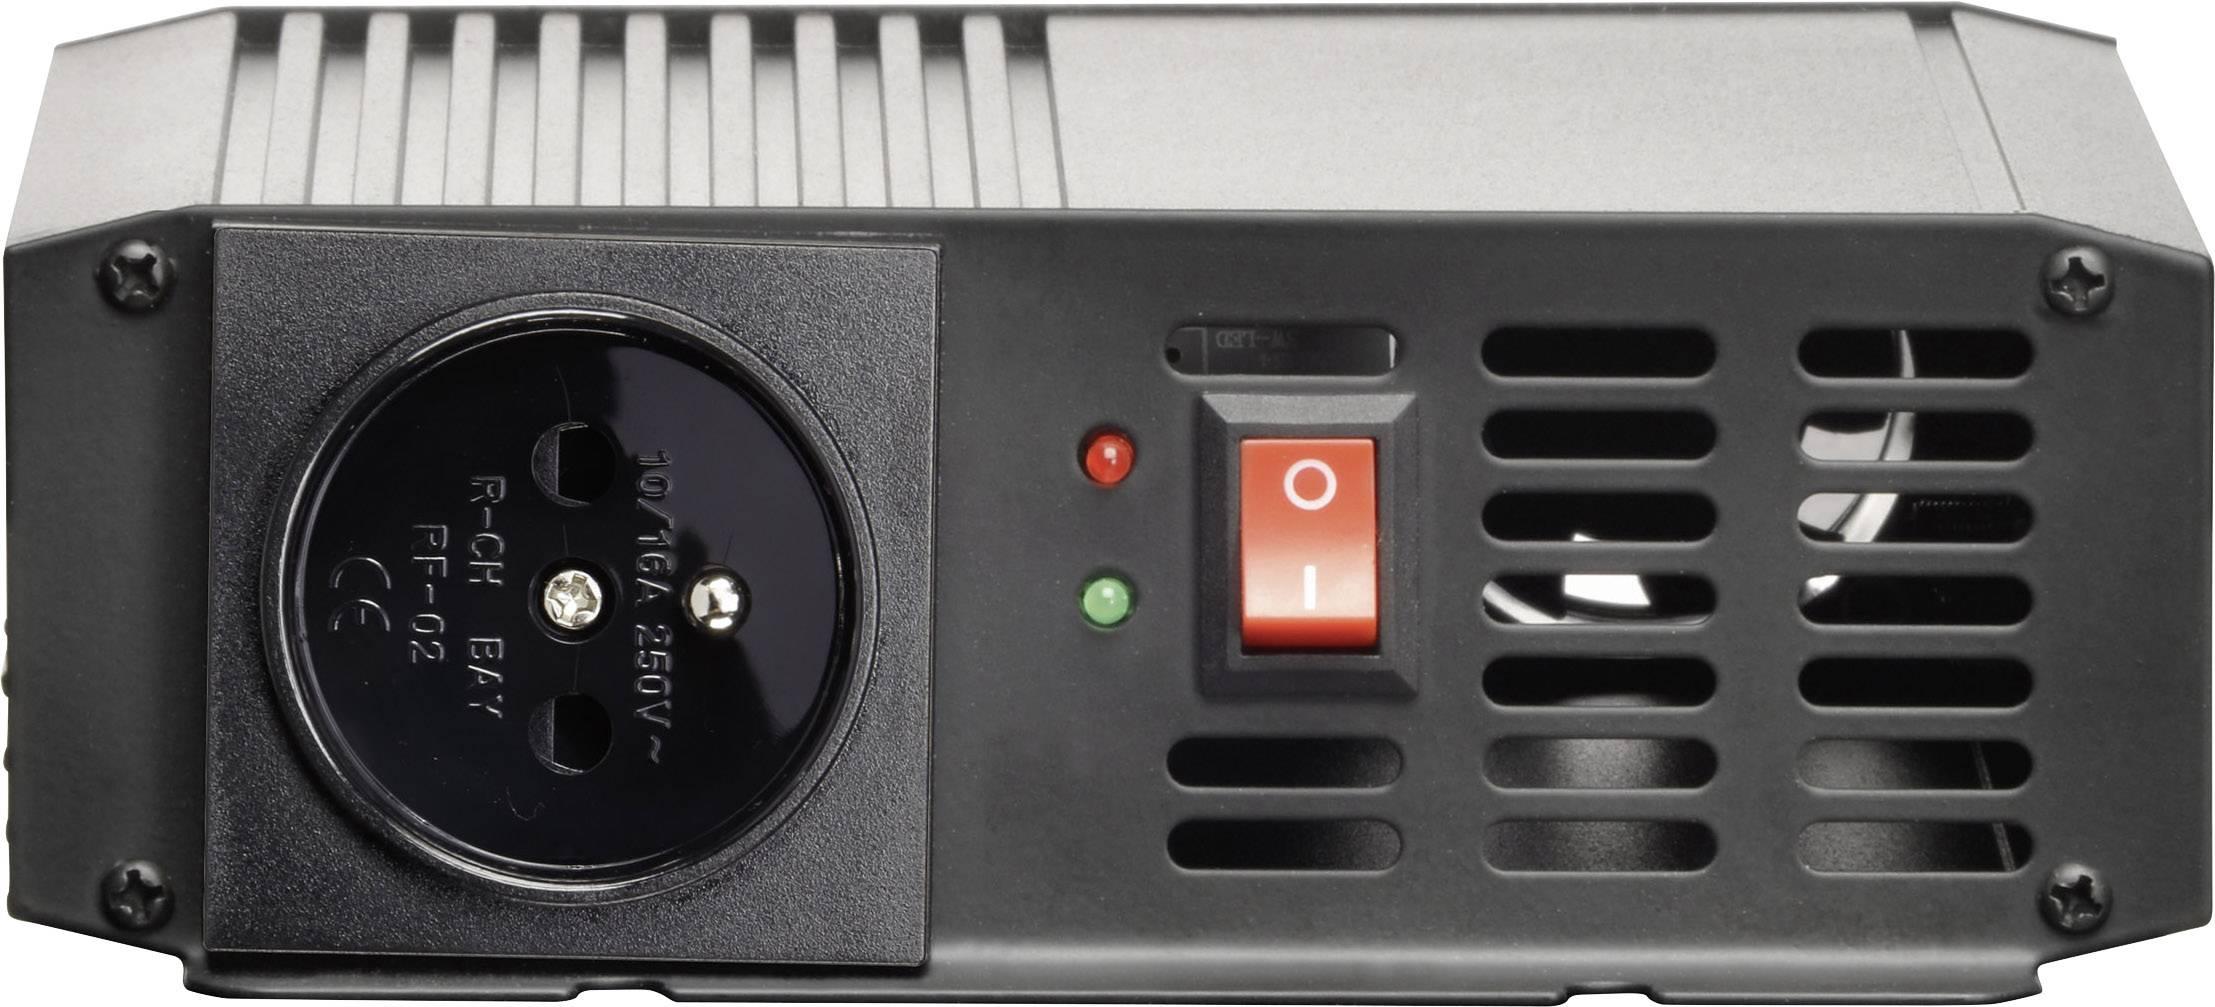 Měnič napětí Voltcraft PSW 300-24-F, sinusový průběh